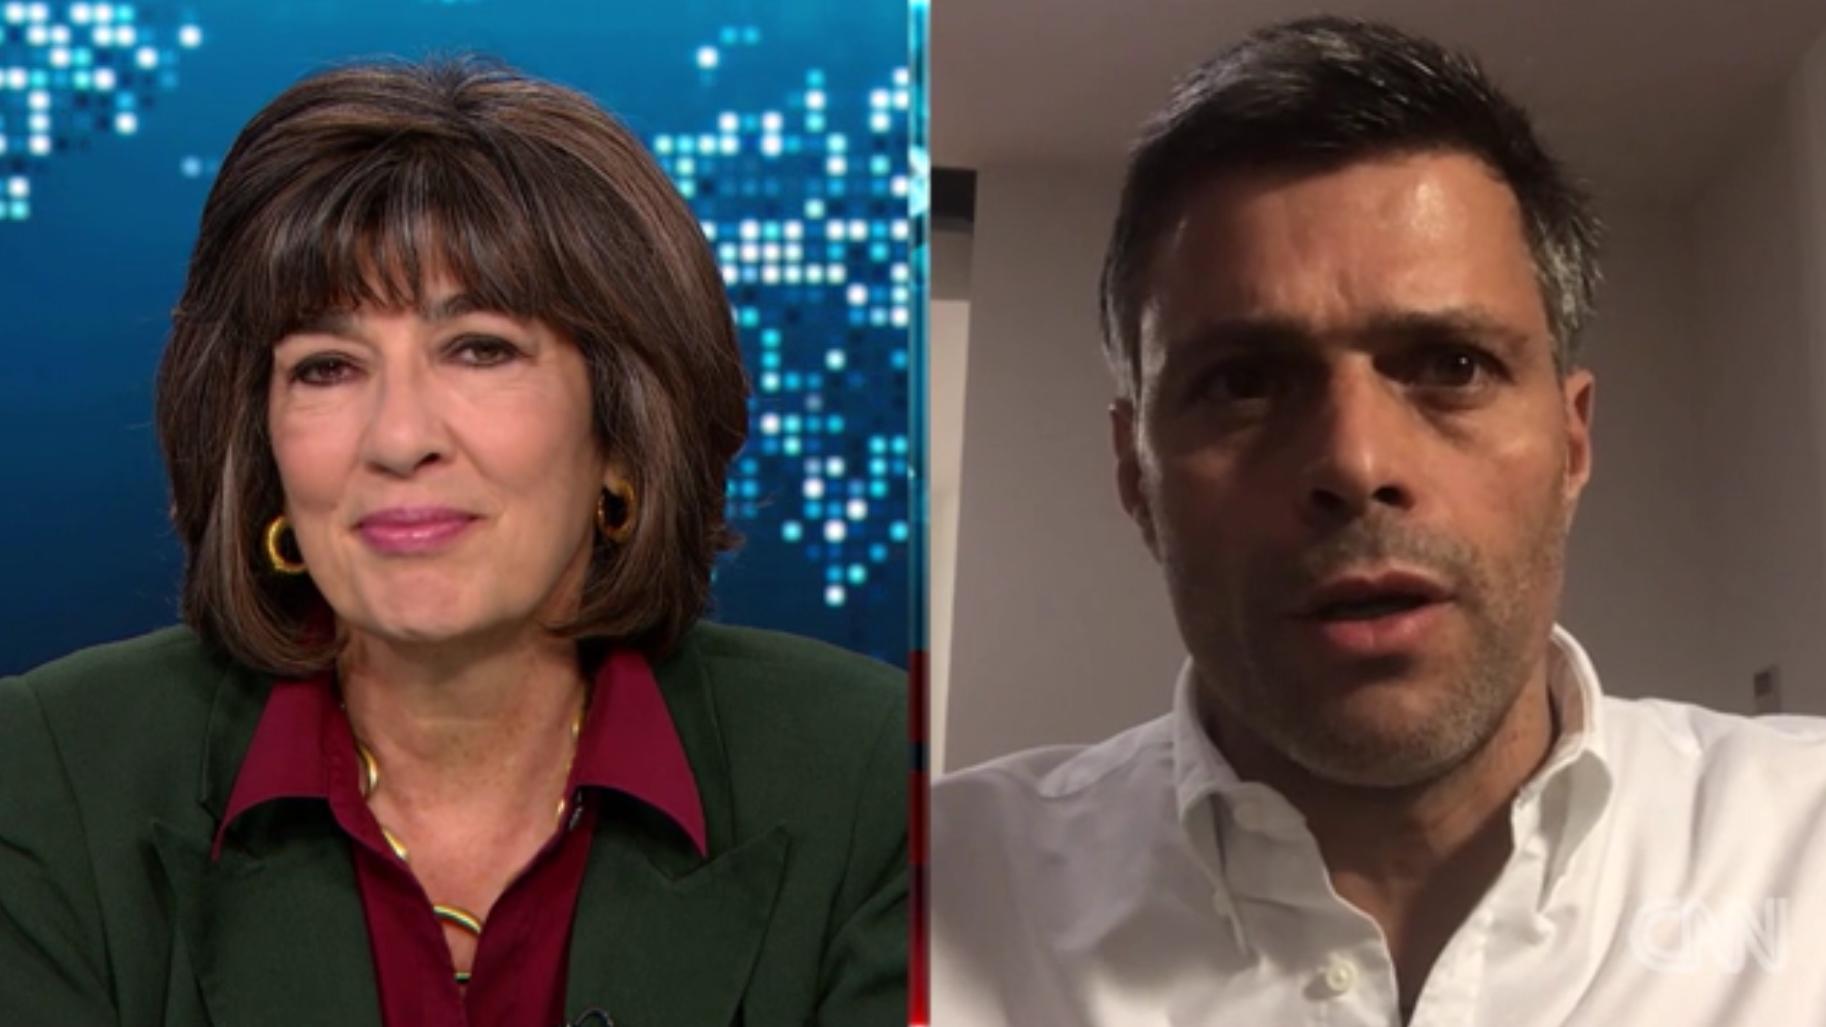 CNN Amanpour | ¿Qué debería hacer la administración Biden para Venezuela?